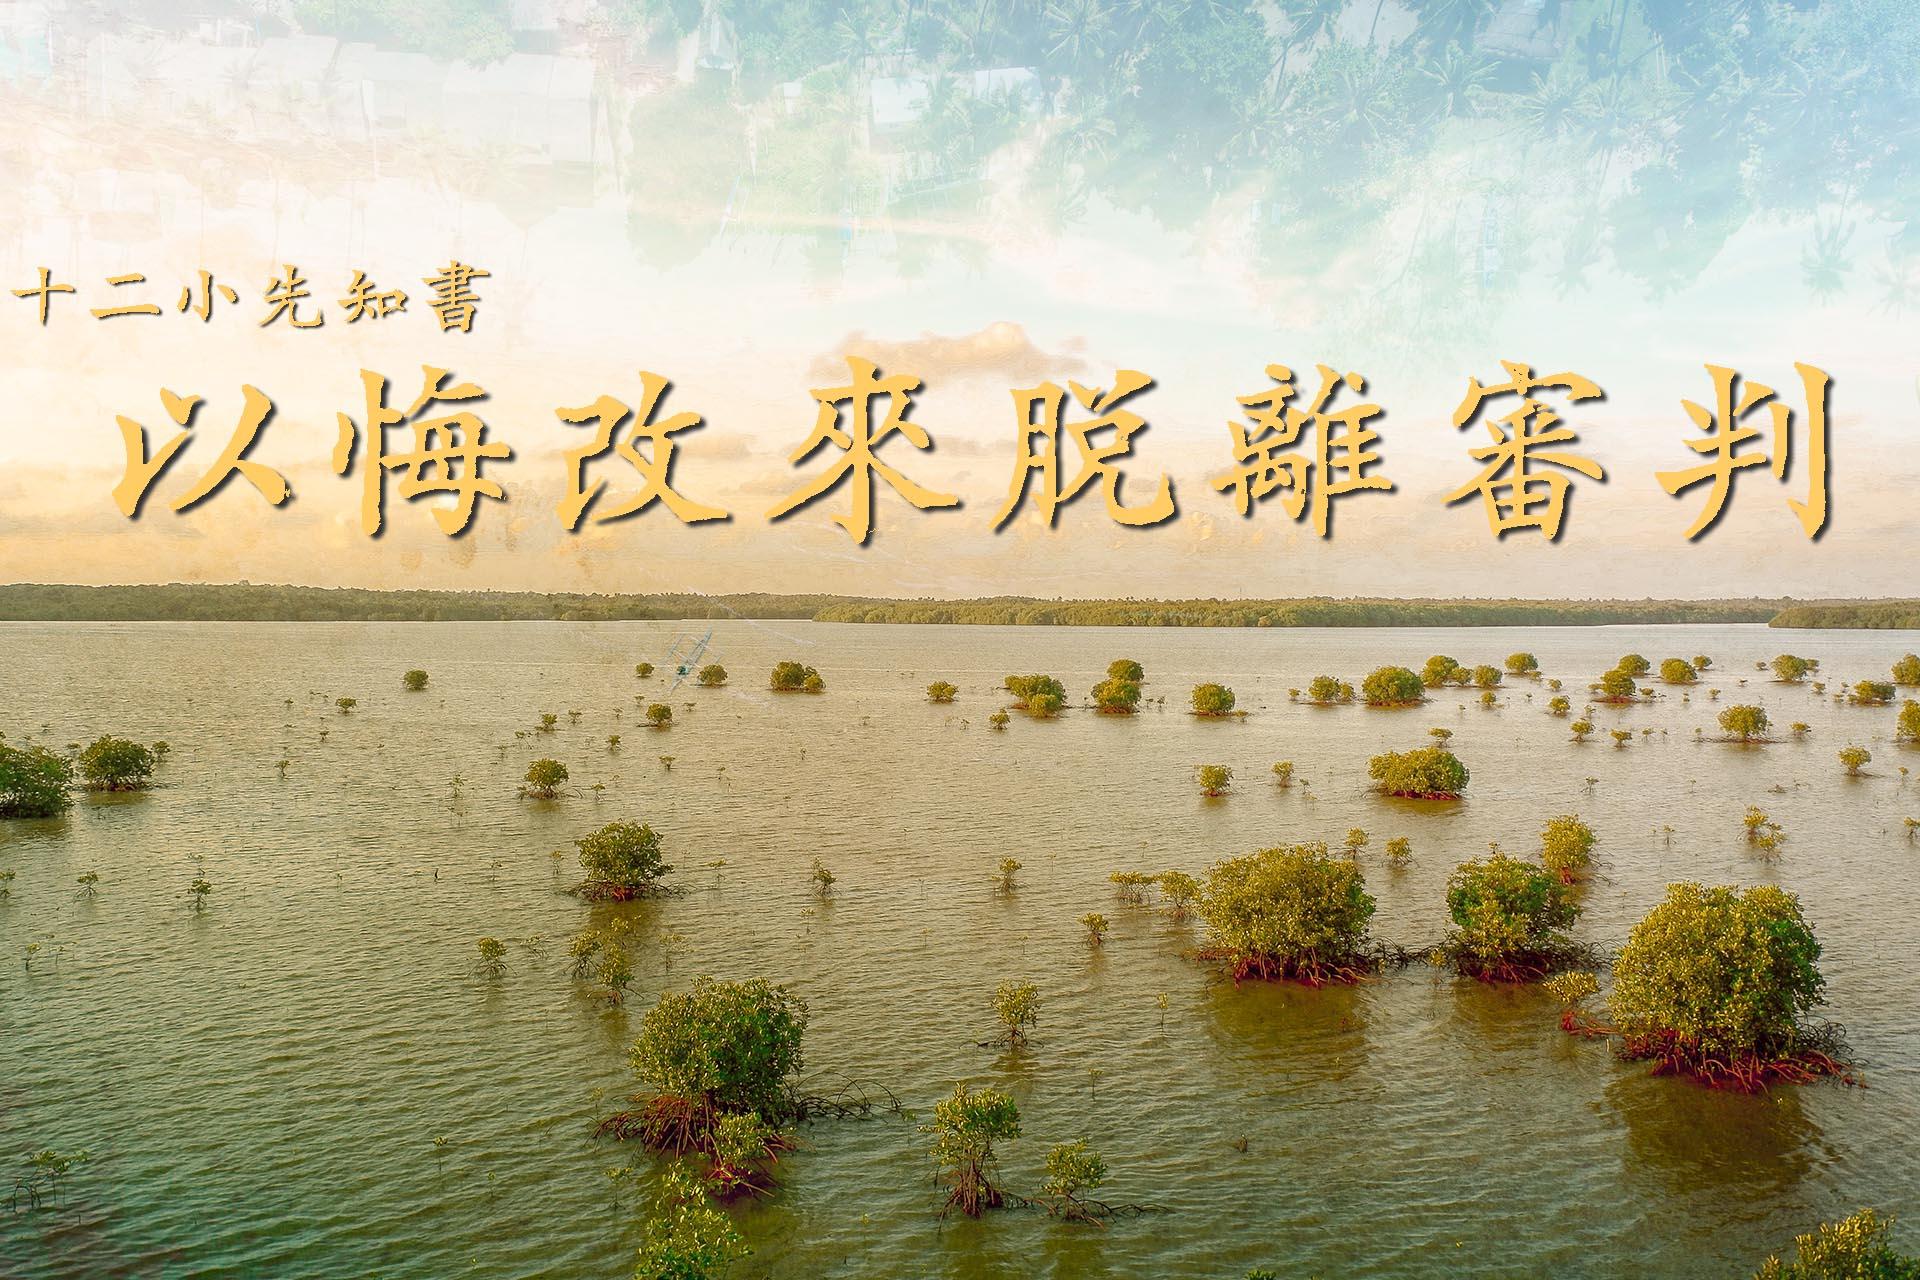 [聖經]十二小先知書(二):以悔改來拯救民族脫離審判